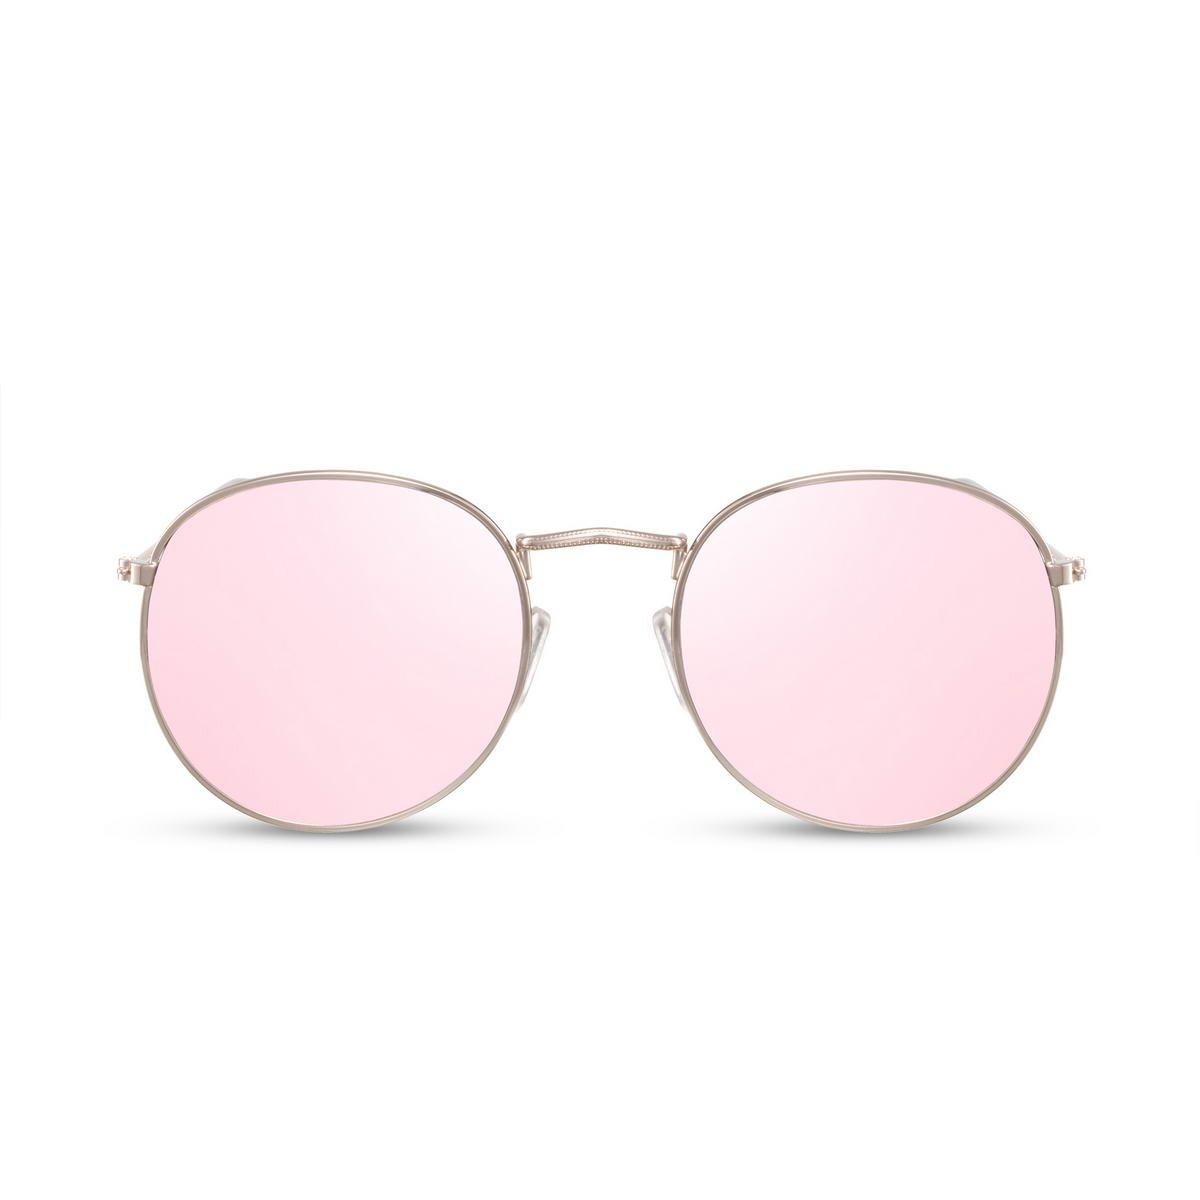 71a05de1a0 Cheapass Sunglasses Lunettes Rondes John Lennon Rétro Classique